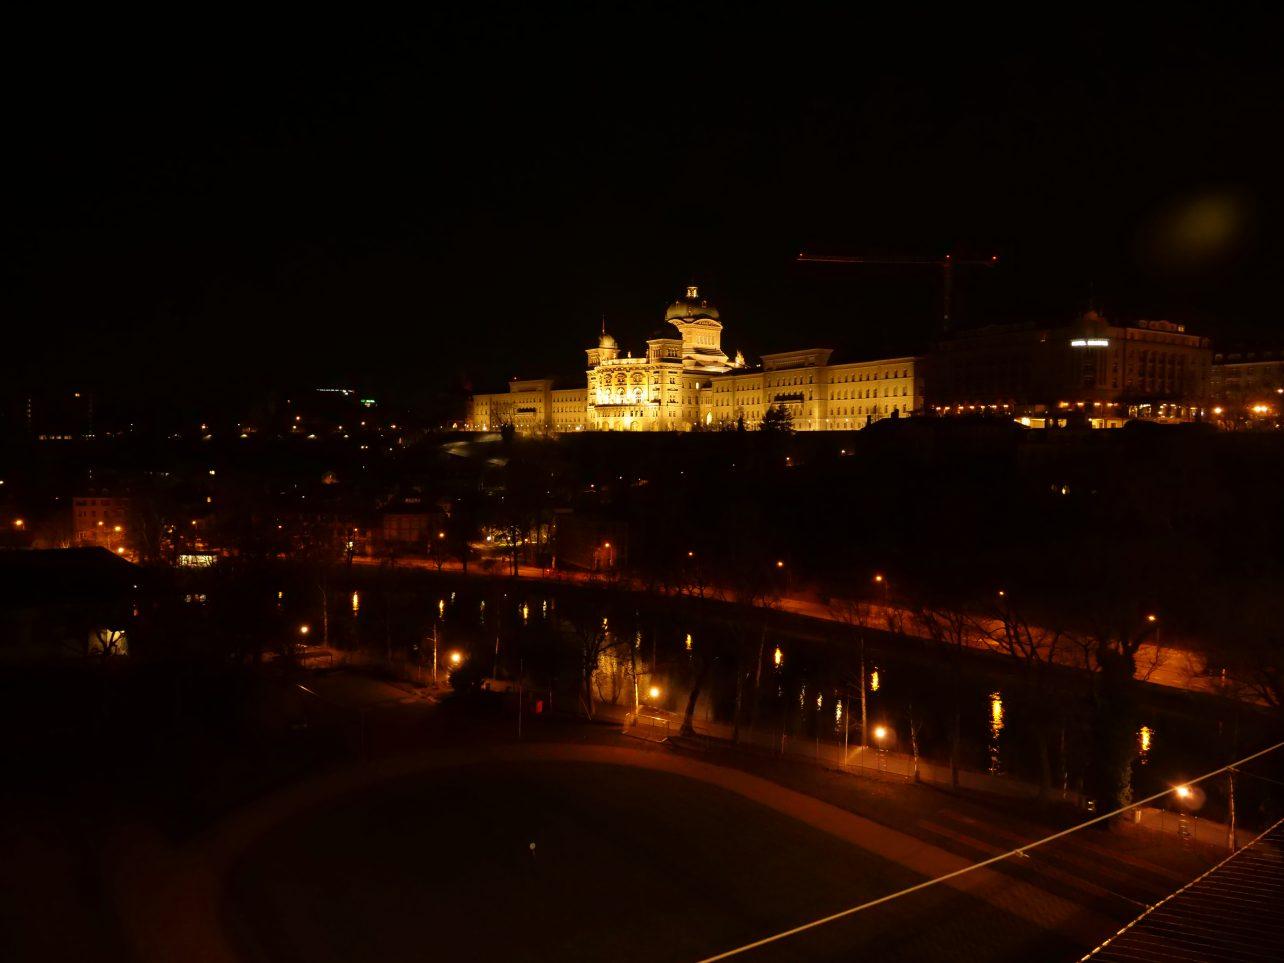 Berne une ville sublime la nuit